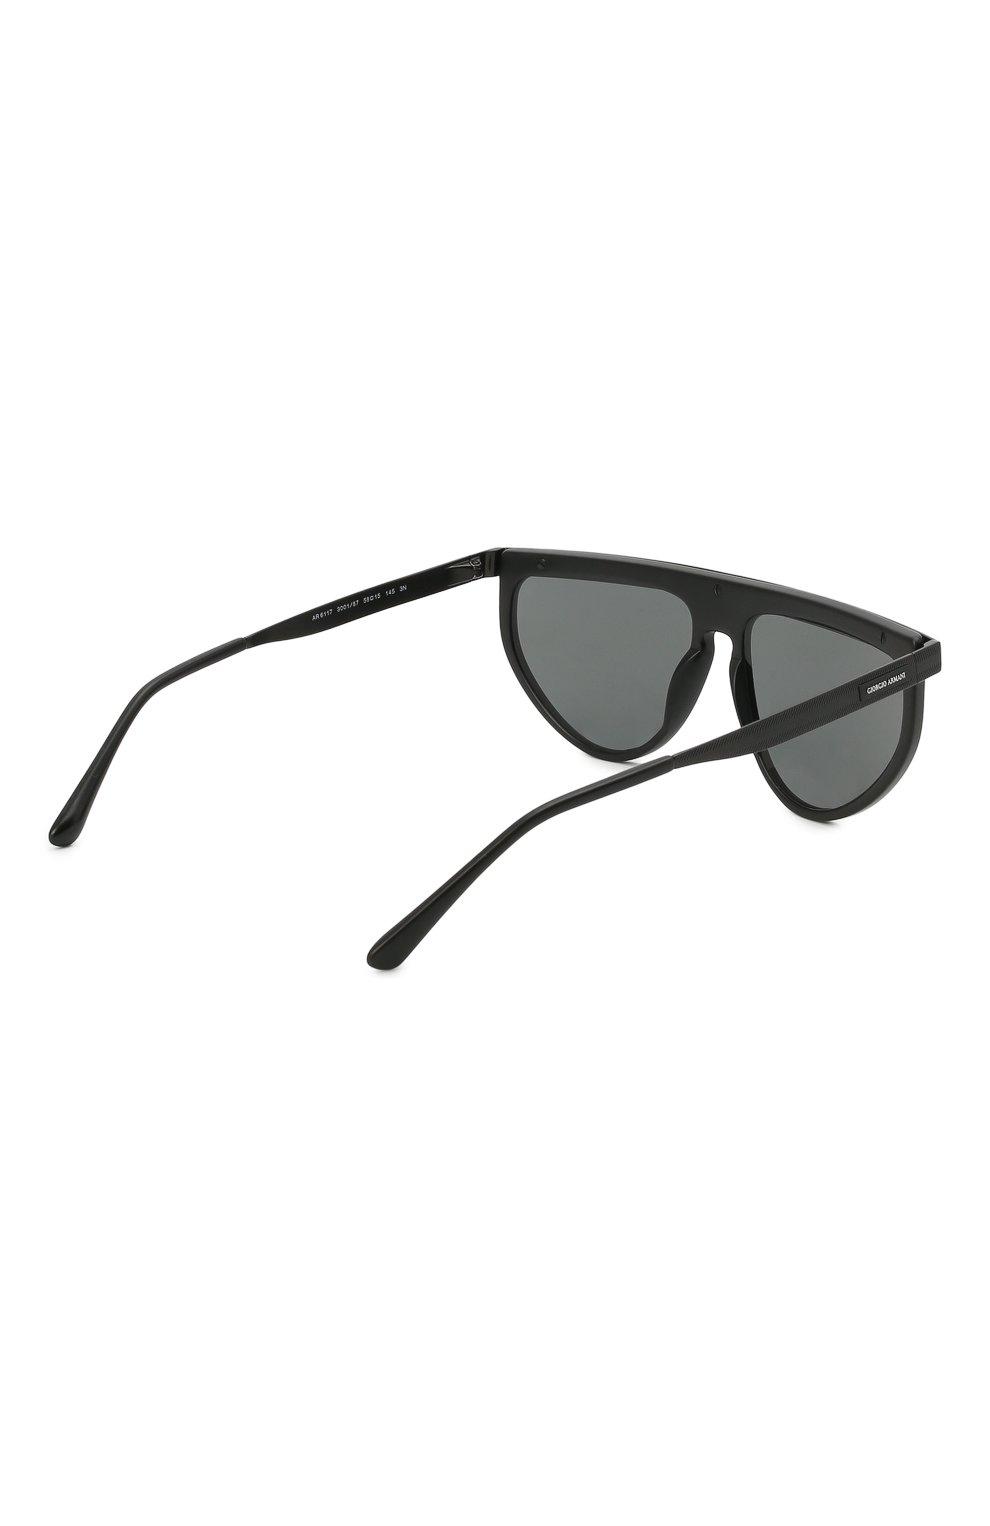 Мужские солнцезащитные очки GIORGIO ARMANI черного цвета, арт. AR6117 | Фото 4